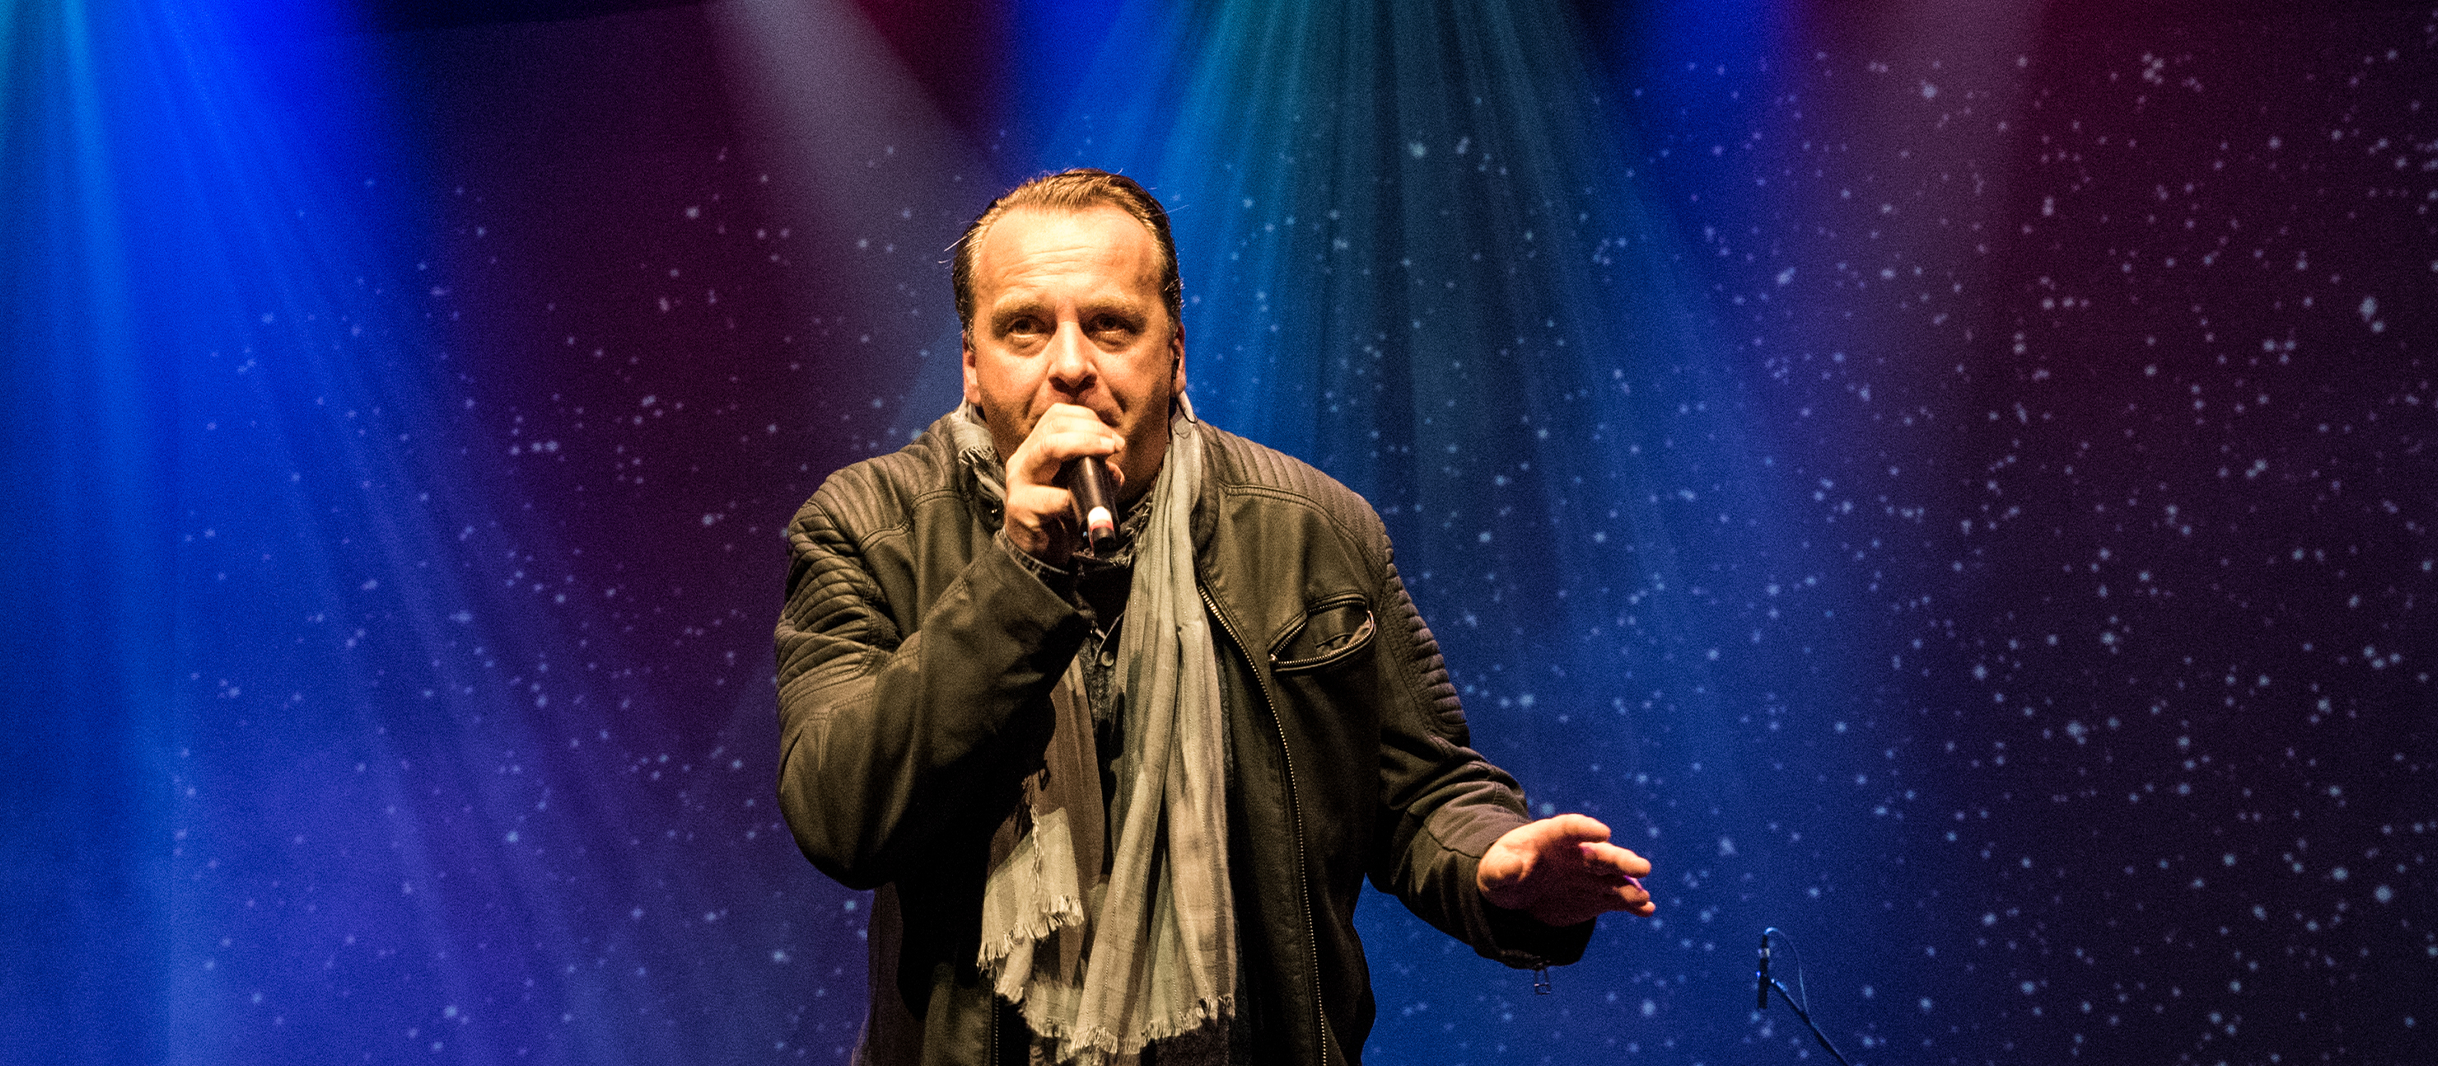 Sänger Georg Kleesattel mit Mikrofon